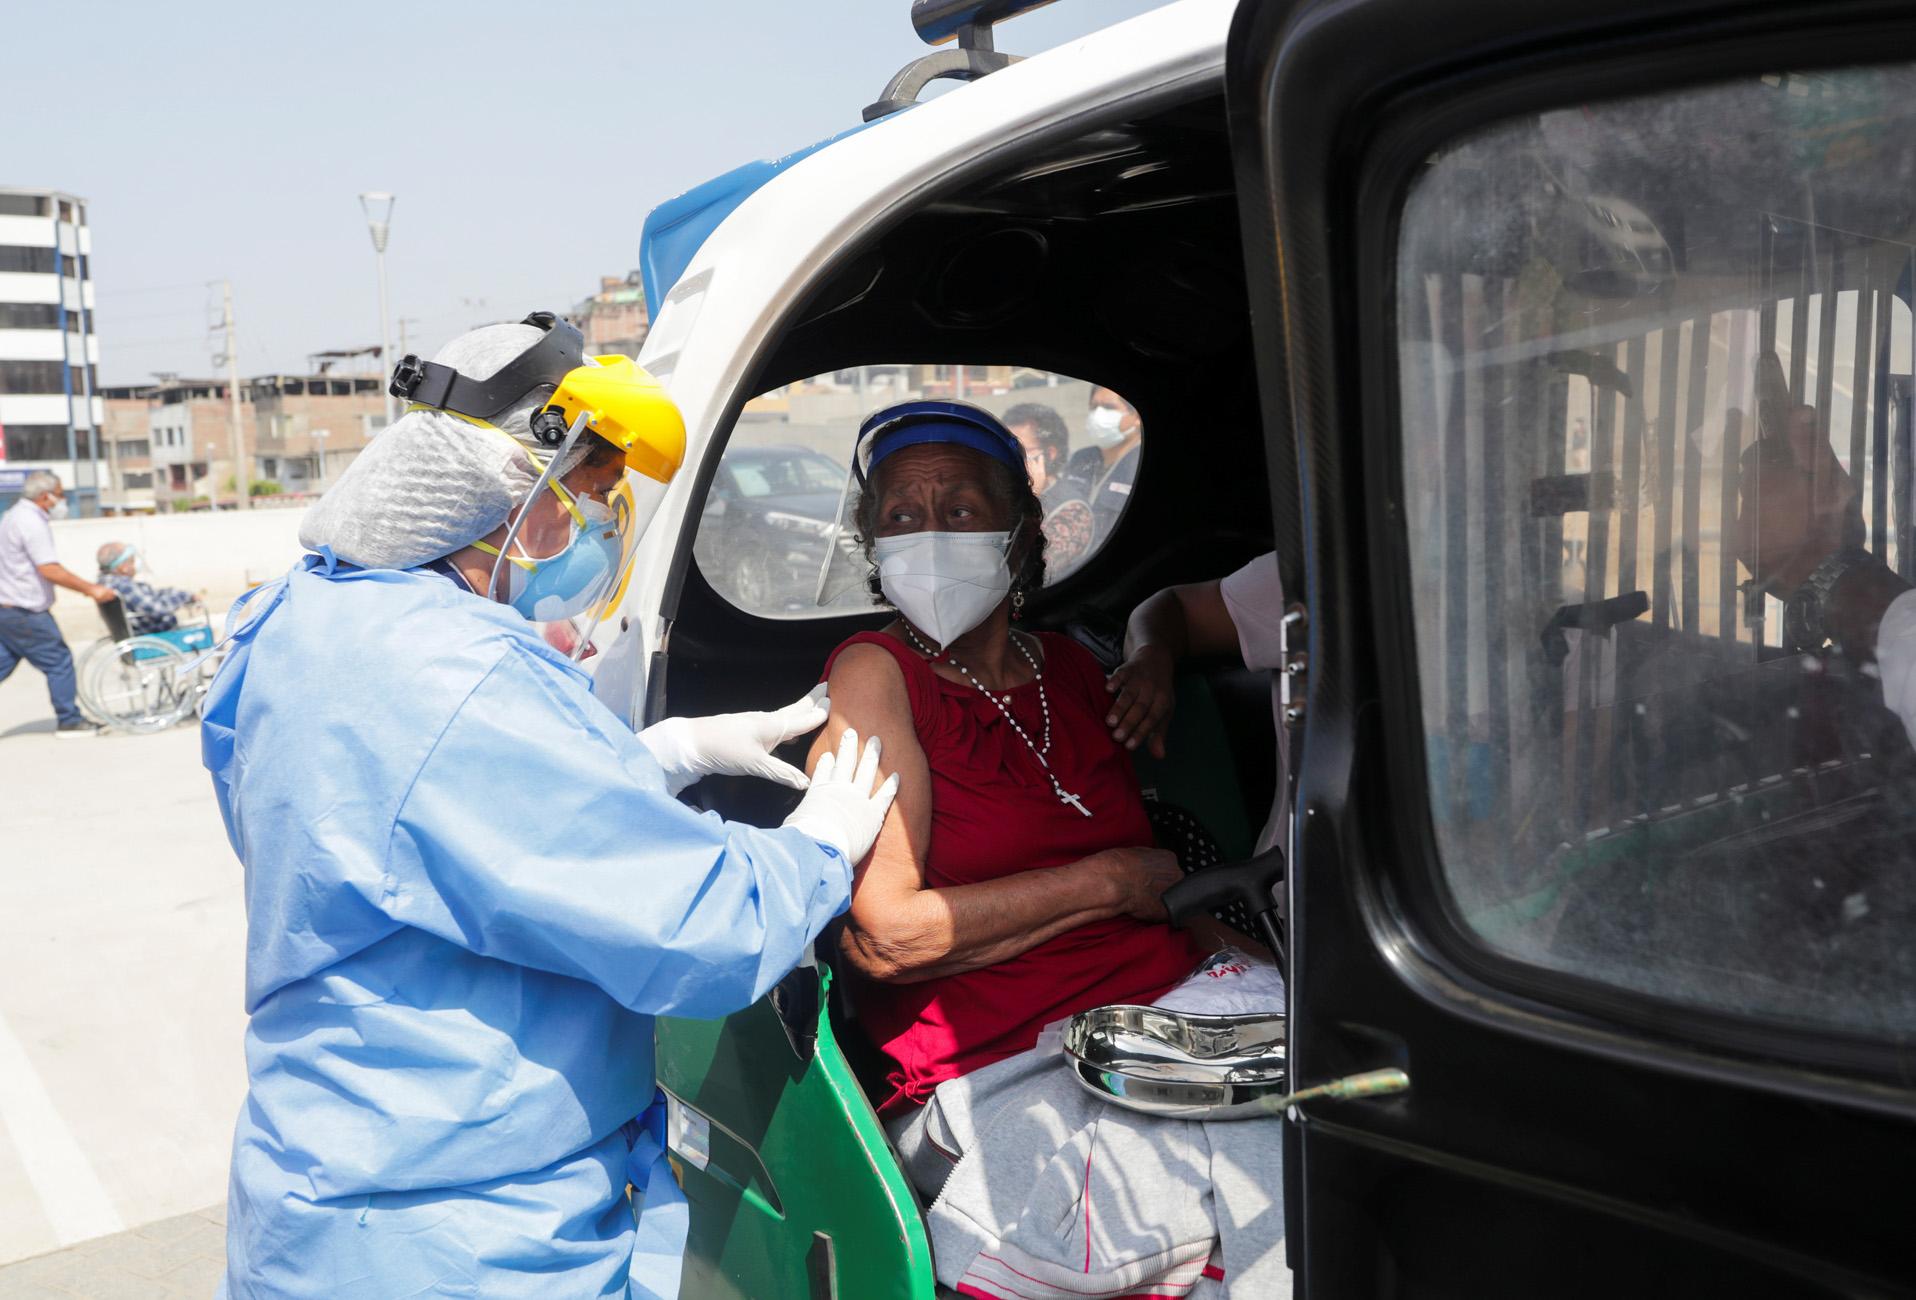 ΠΟΥ: Τα εμβόλια κατά του κορονοϊού παραμένουν απρόσιτα για τις φτωχές χώρες